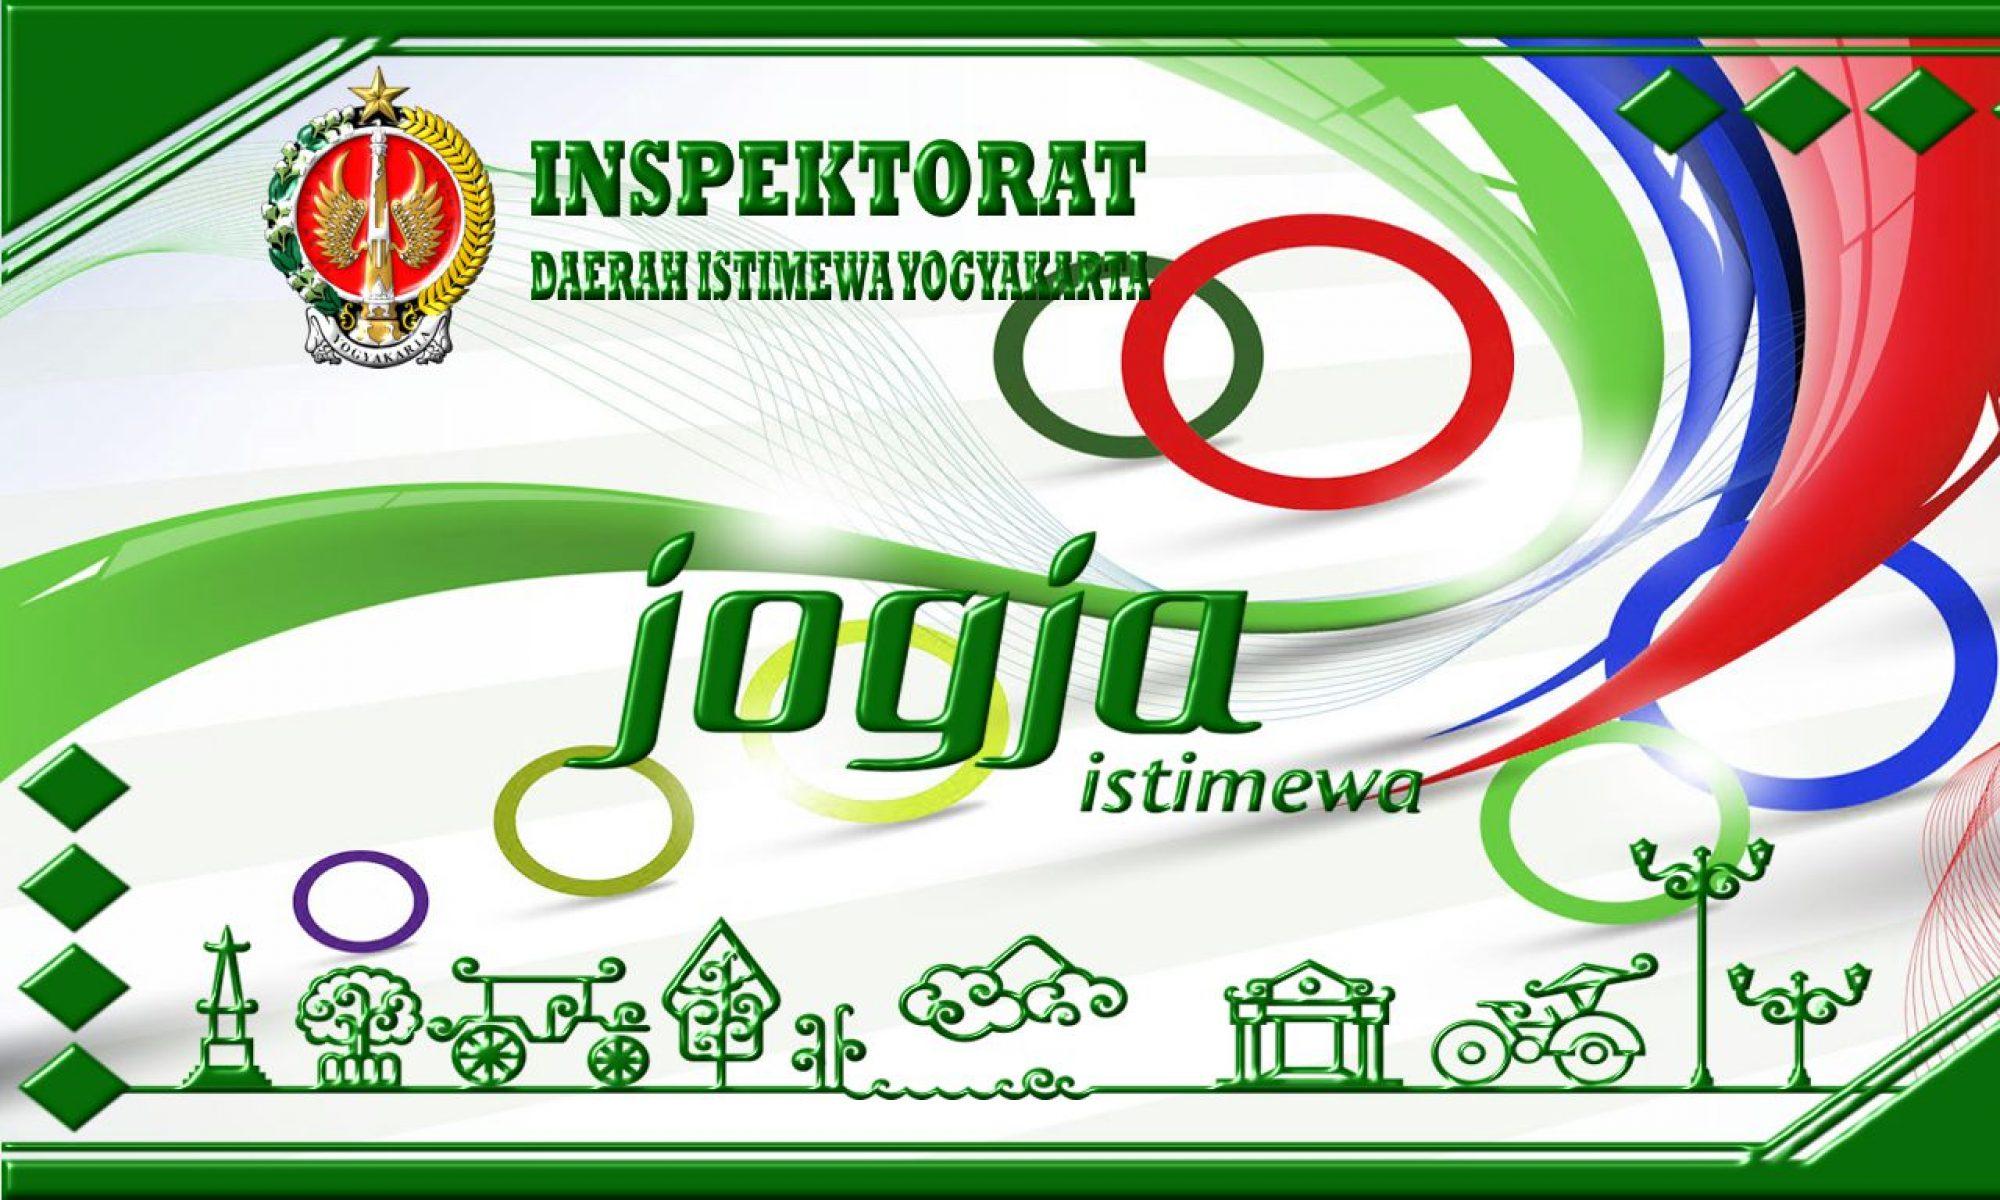 Inspektorat diy